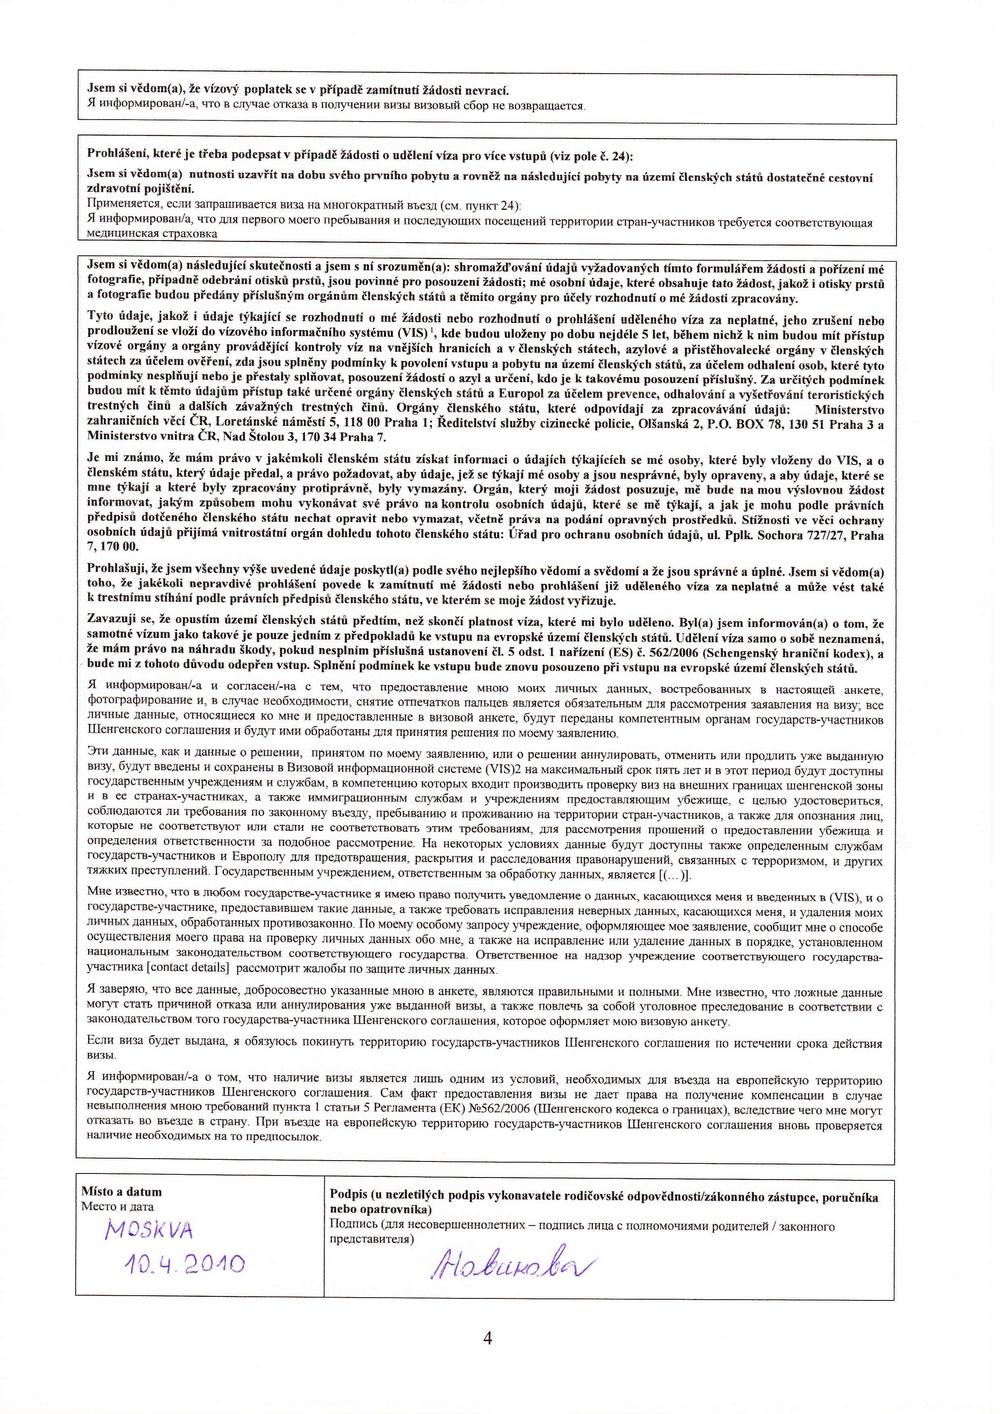 Образец заполнения анкеты на визу в Чехию, стр. 4